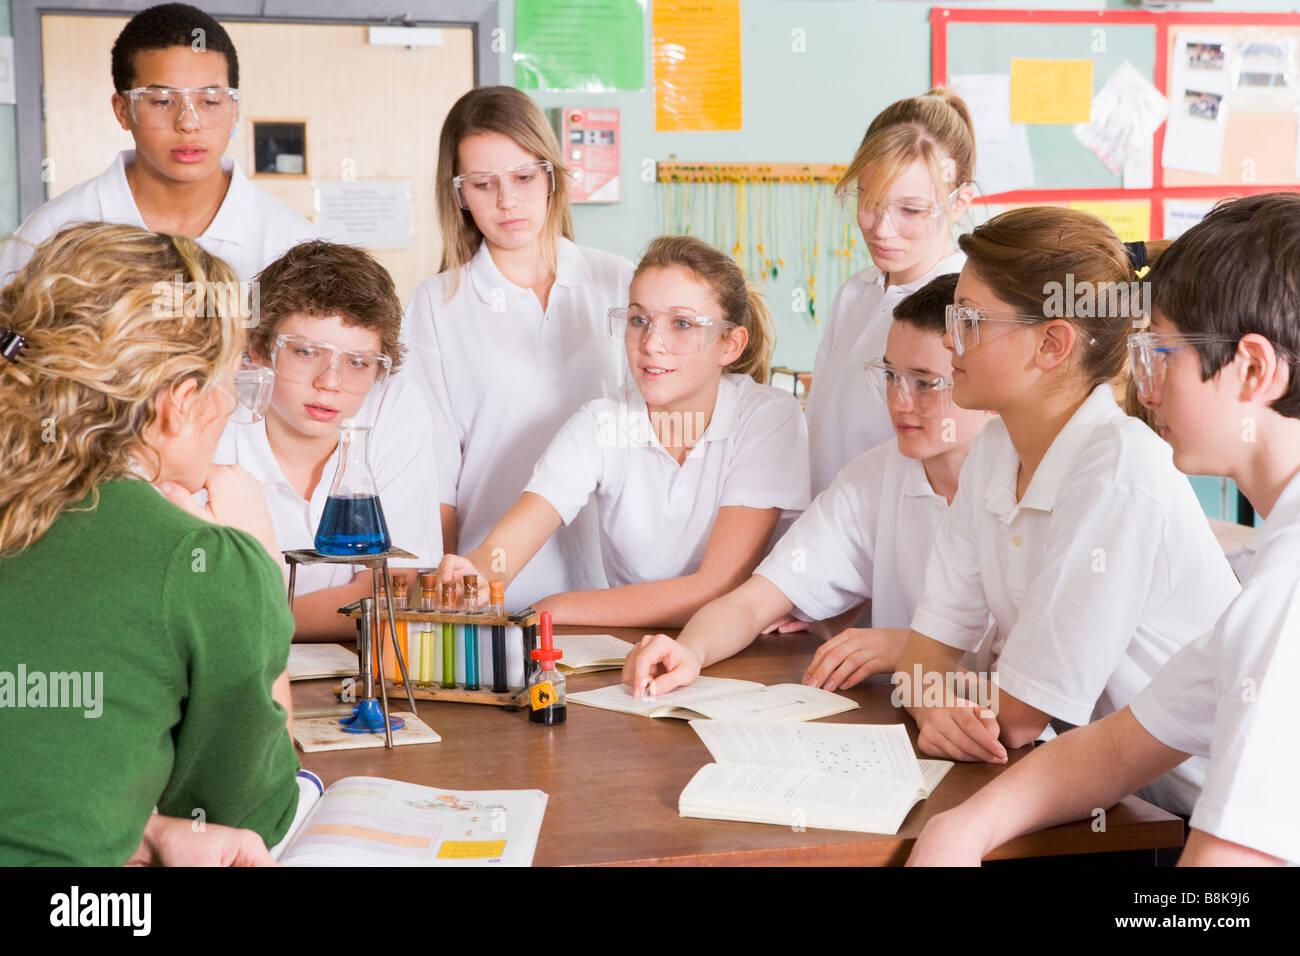 Les élèves recevant leçon de chimie en classe Banque D'Images